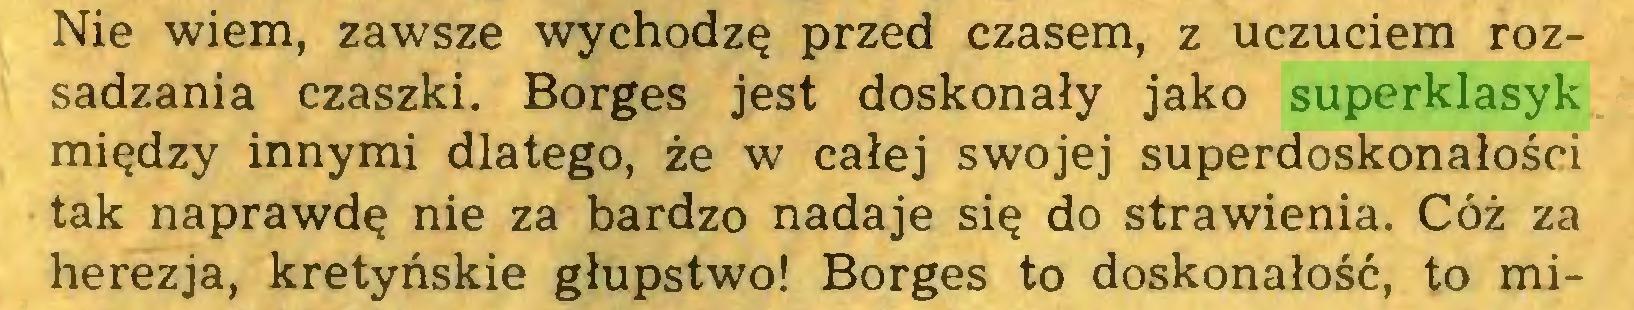 (...) Nie wiem, zawsze wychodzę przed czasem, z uczuciem rozsadzania czaszki. Borges jest doskonały jako superklasyk między innymi dlatego, że w całej swojej superdoskonałości tak naprawdę nie za bardzo nadaje się do strawienia. Cóż za herezja, kretyńskie głupstwo! Borges to doskonałość, to mi...